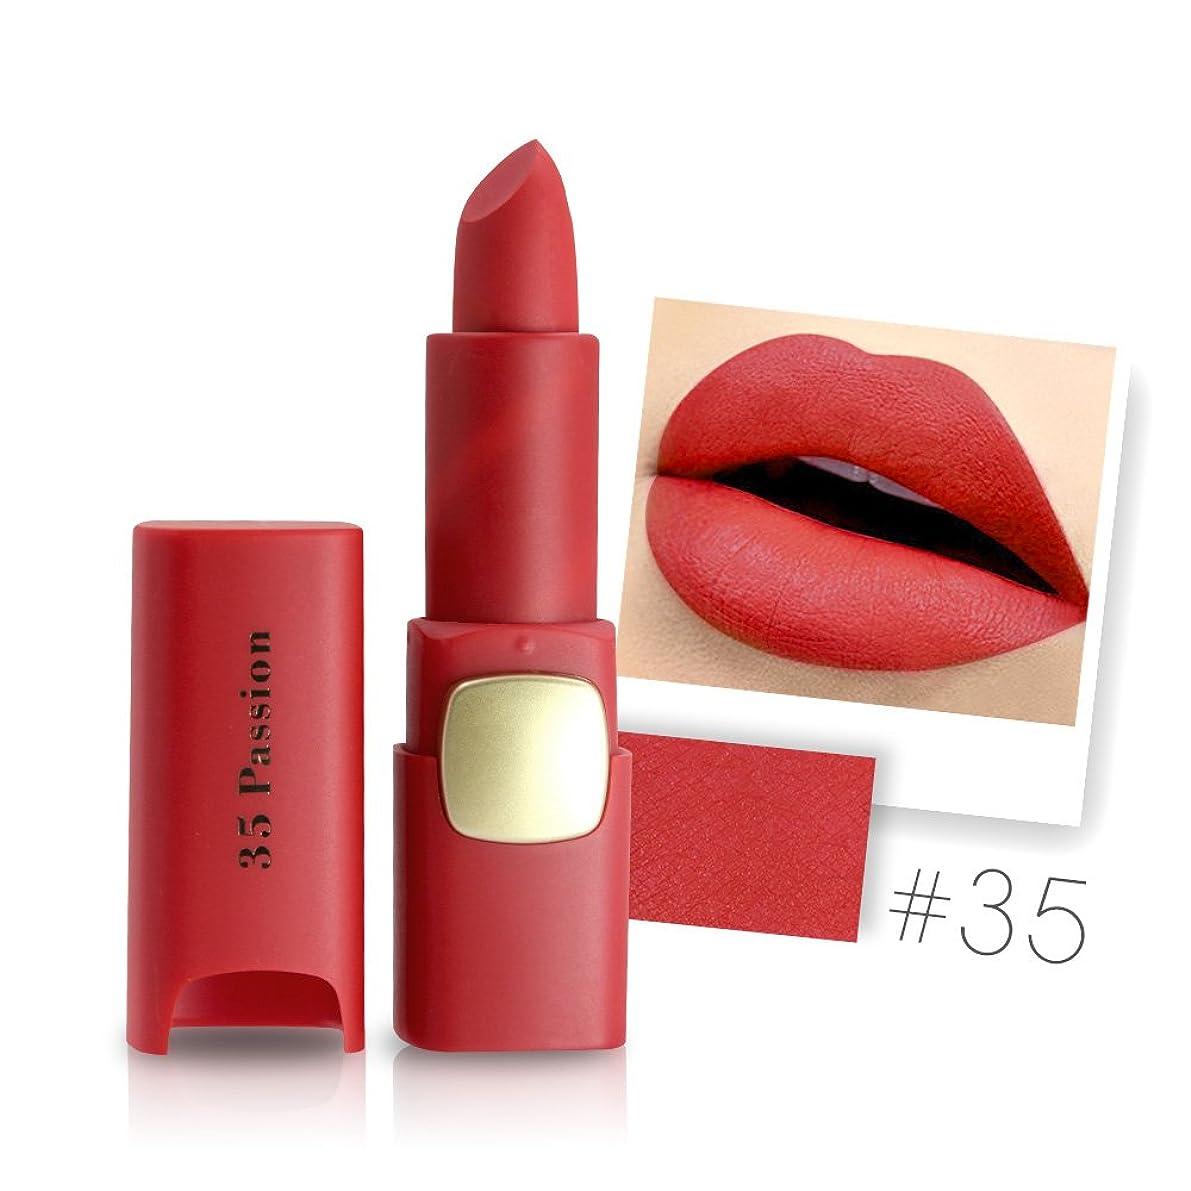 パラダイス恐れ混乱Miss Rose Brand Matte Lipstick Waterproof Lips Moisturizing Easy To Wear Makeup Lip Sticks Gloss Lipsticks Cosmetic